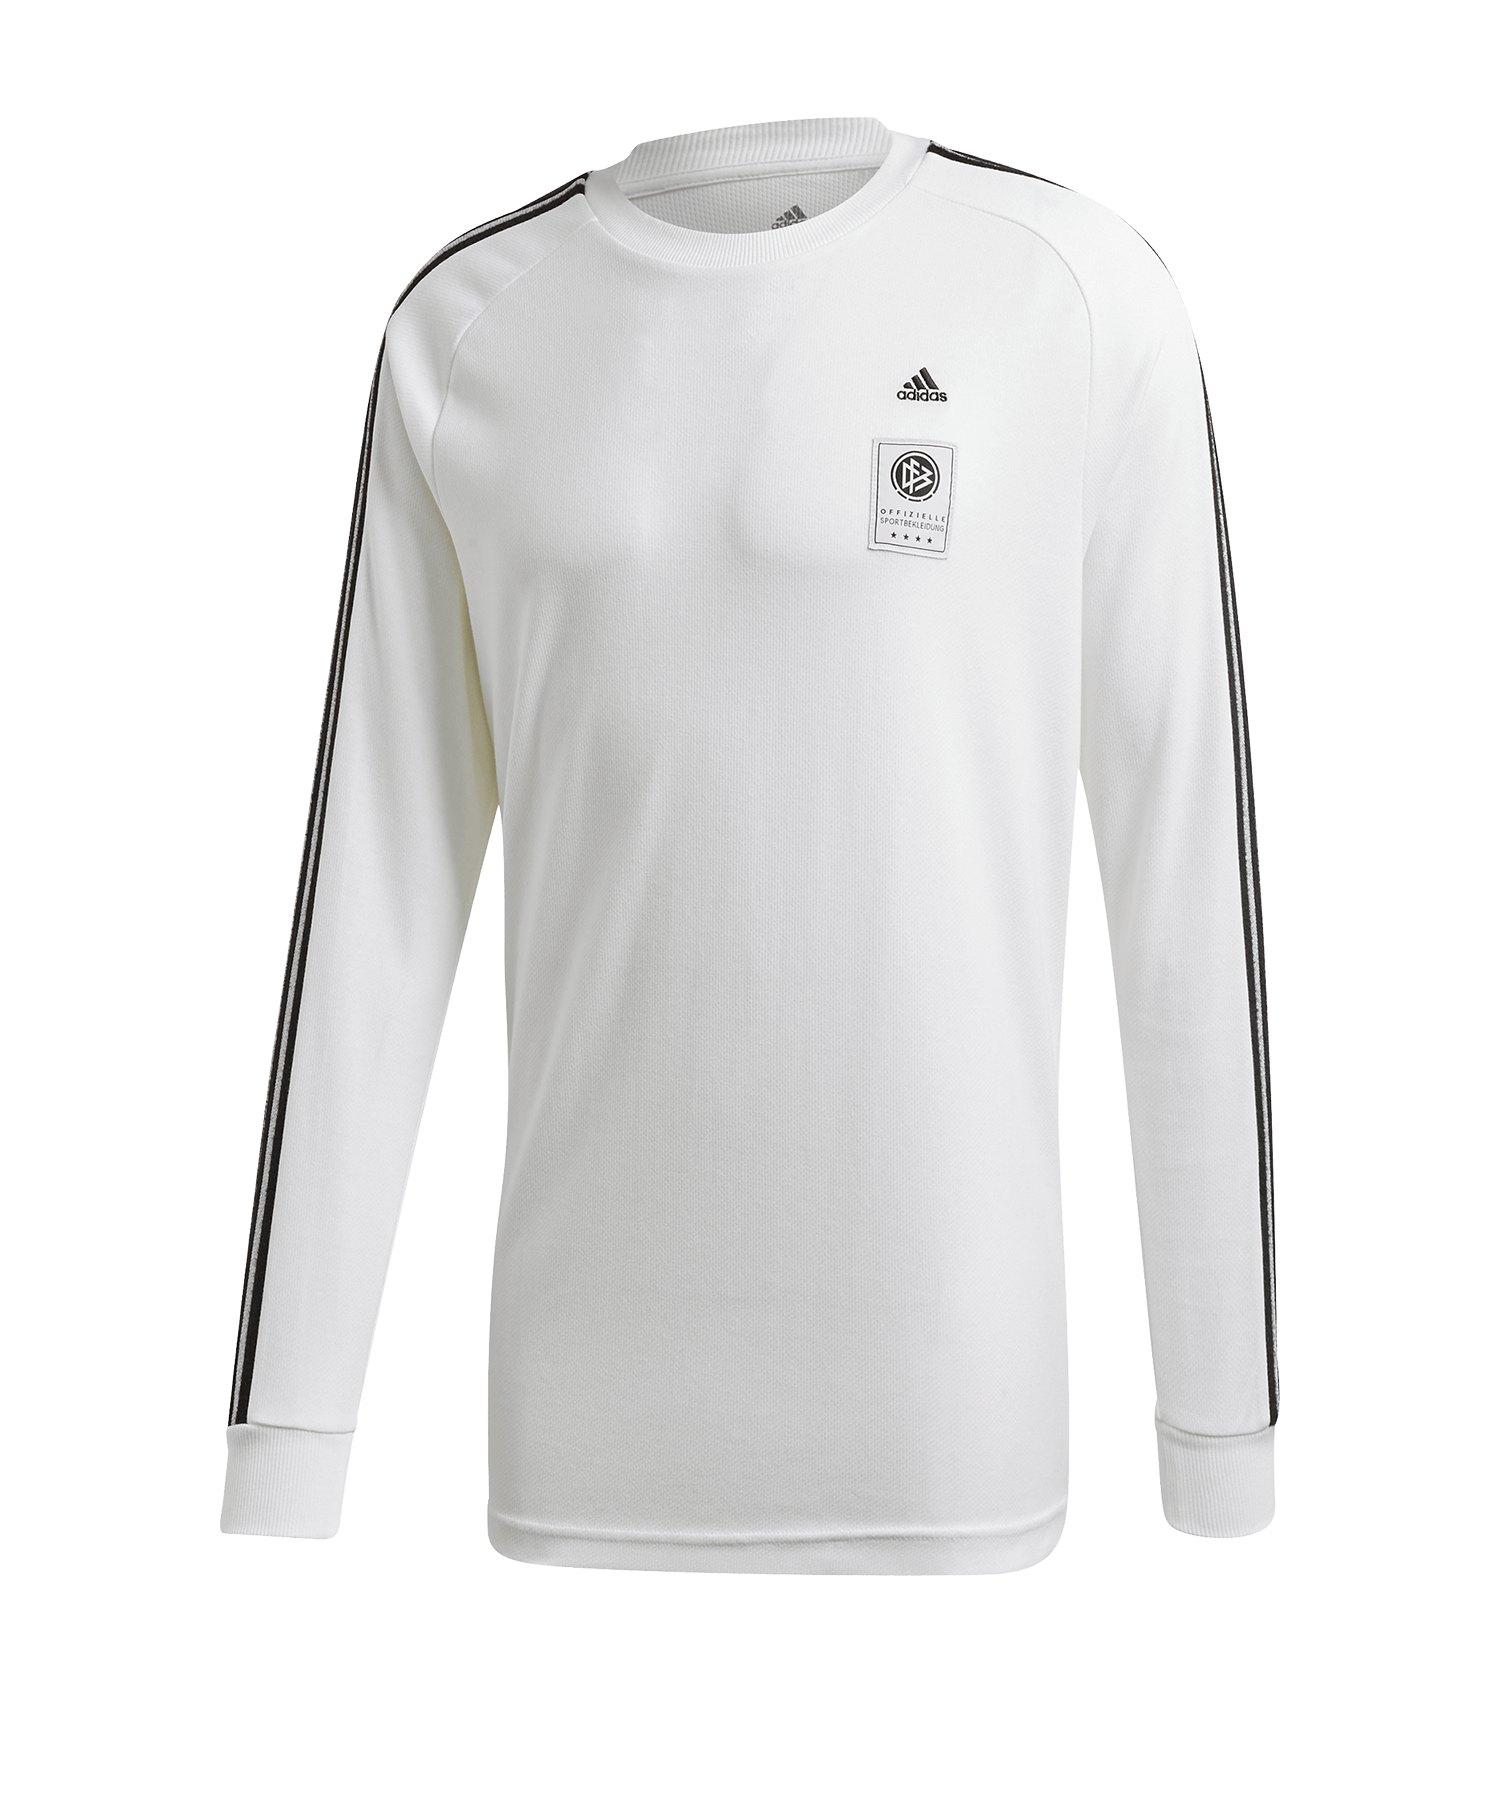 adidas DFB Deutschland Icon Shirt langarm Weiss - weiss